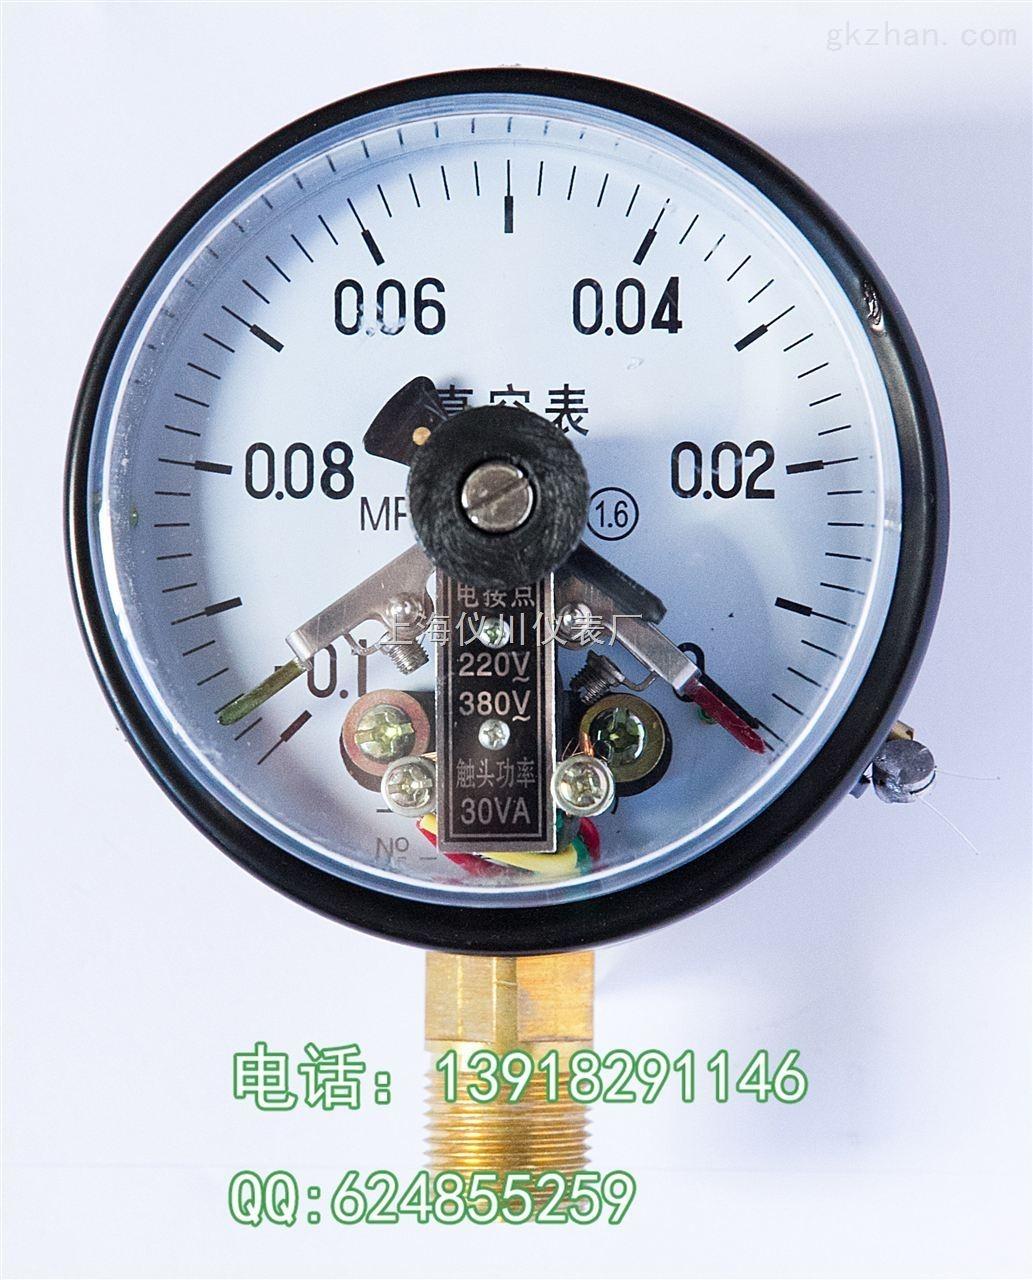 型号:ZXC-100 类型:真空磁助式电接点压力表 测量范围:-0.1-0(MPa)MPa 精度等级:1.6联接型式:螺纹公称直径:100(mm)环境温度:50() ZXC-100真空磁助式电接点压力表广泛应用于石油、化工、冶金、电站等工业部门或机电设备配套中测量无爆炸危险的各种流体介质的压力。通常,仪表经与相应的电气器件(如继电器及接触器等)配套使用,即可对被测(控)压力系统实现自动控制和发信(报警)的目的。   为能适应被测对象的各异和需求,本系列仪表在原有普通型和专用型的基础上,又相继研制了磁助型